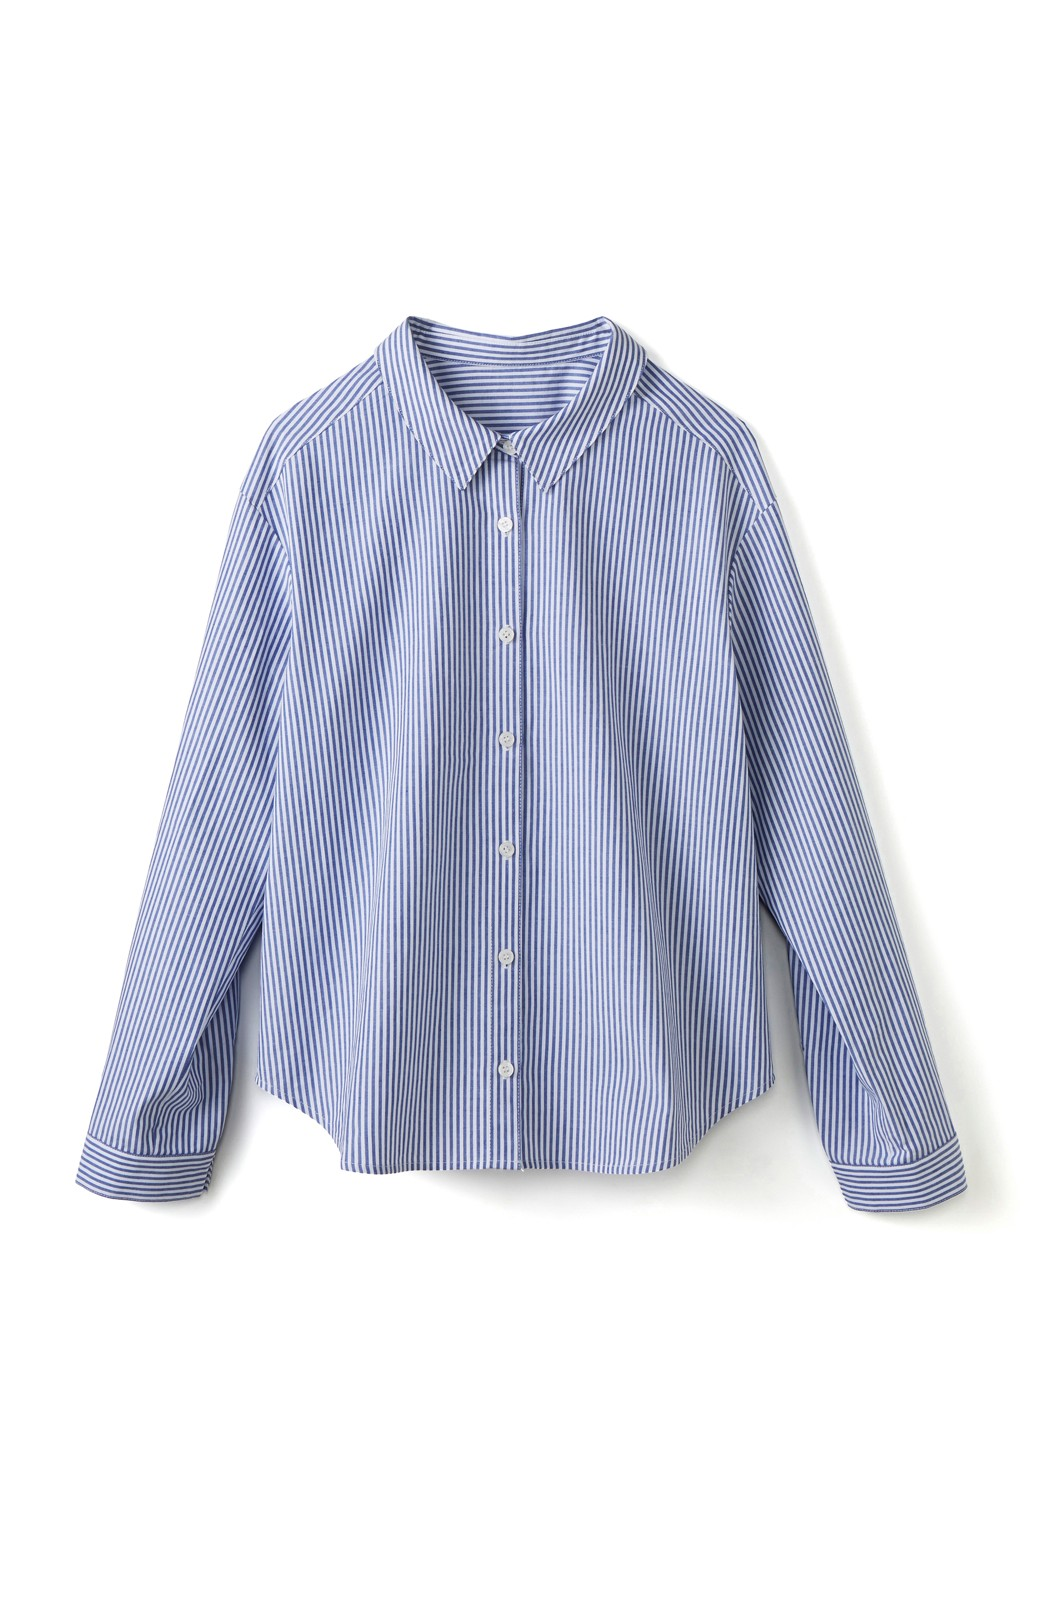 エムトロワ 抜き衿シャツ&ふんわりスカートの総柄セットアップ <ホワイト×ブルー>の商品写真2